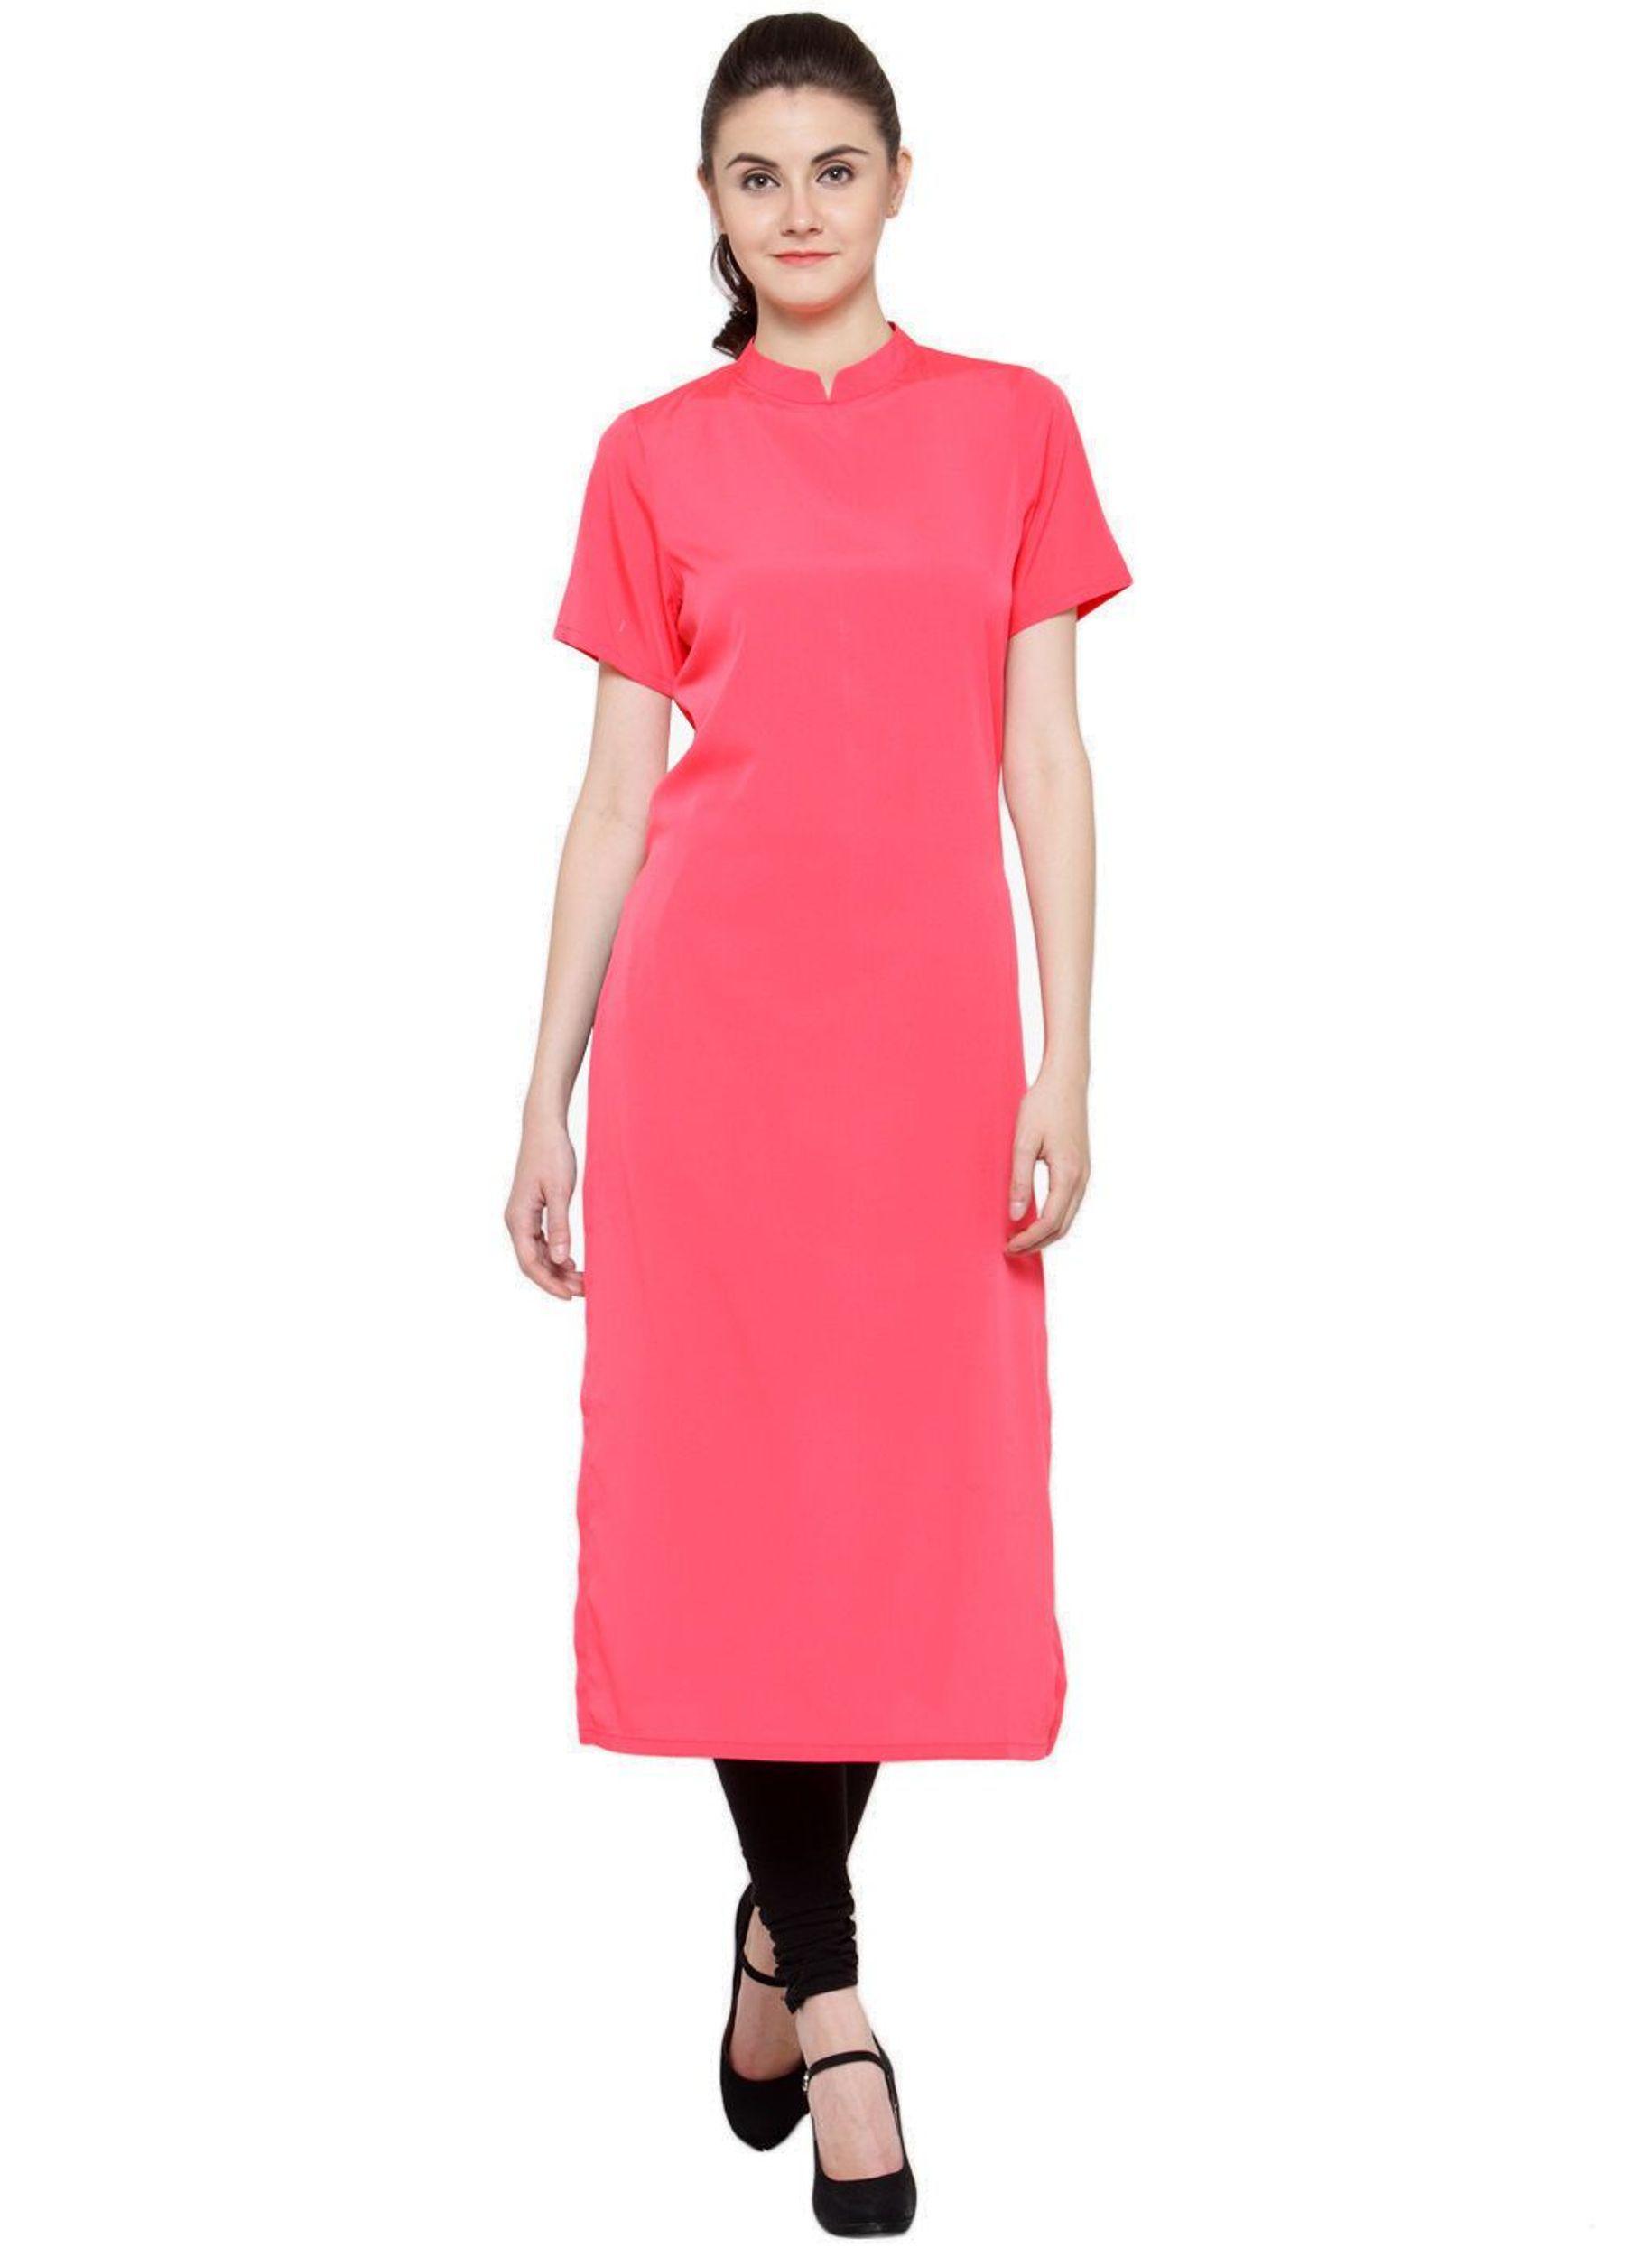 Urbane Woman Pink Crepe A-line Kurti